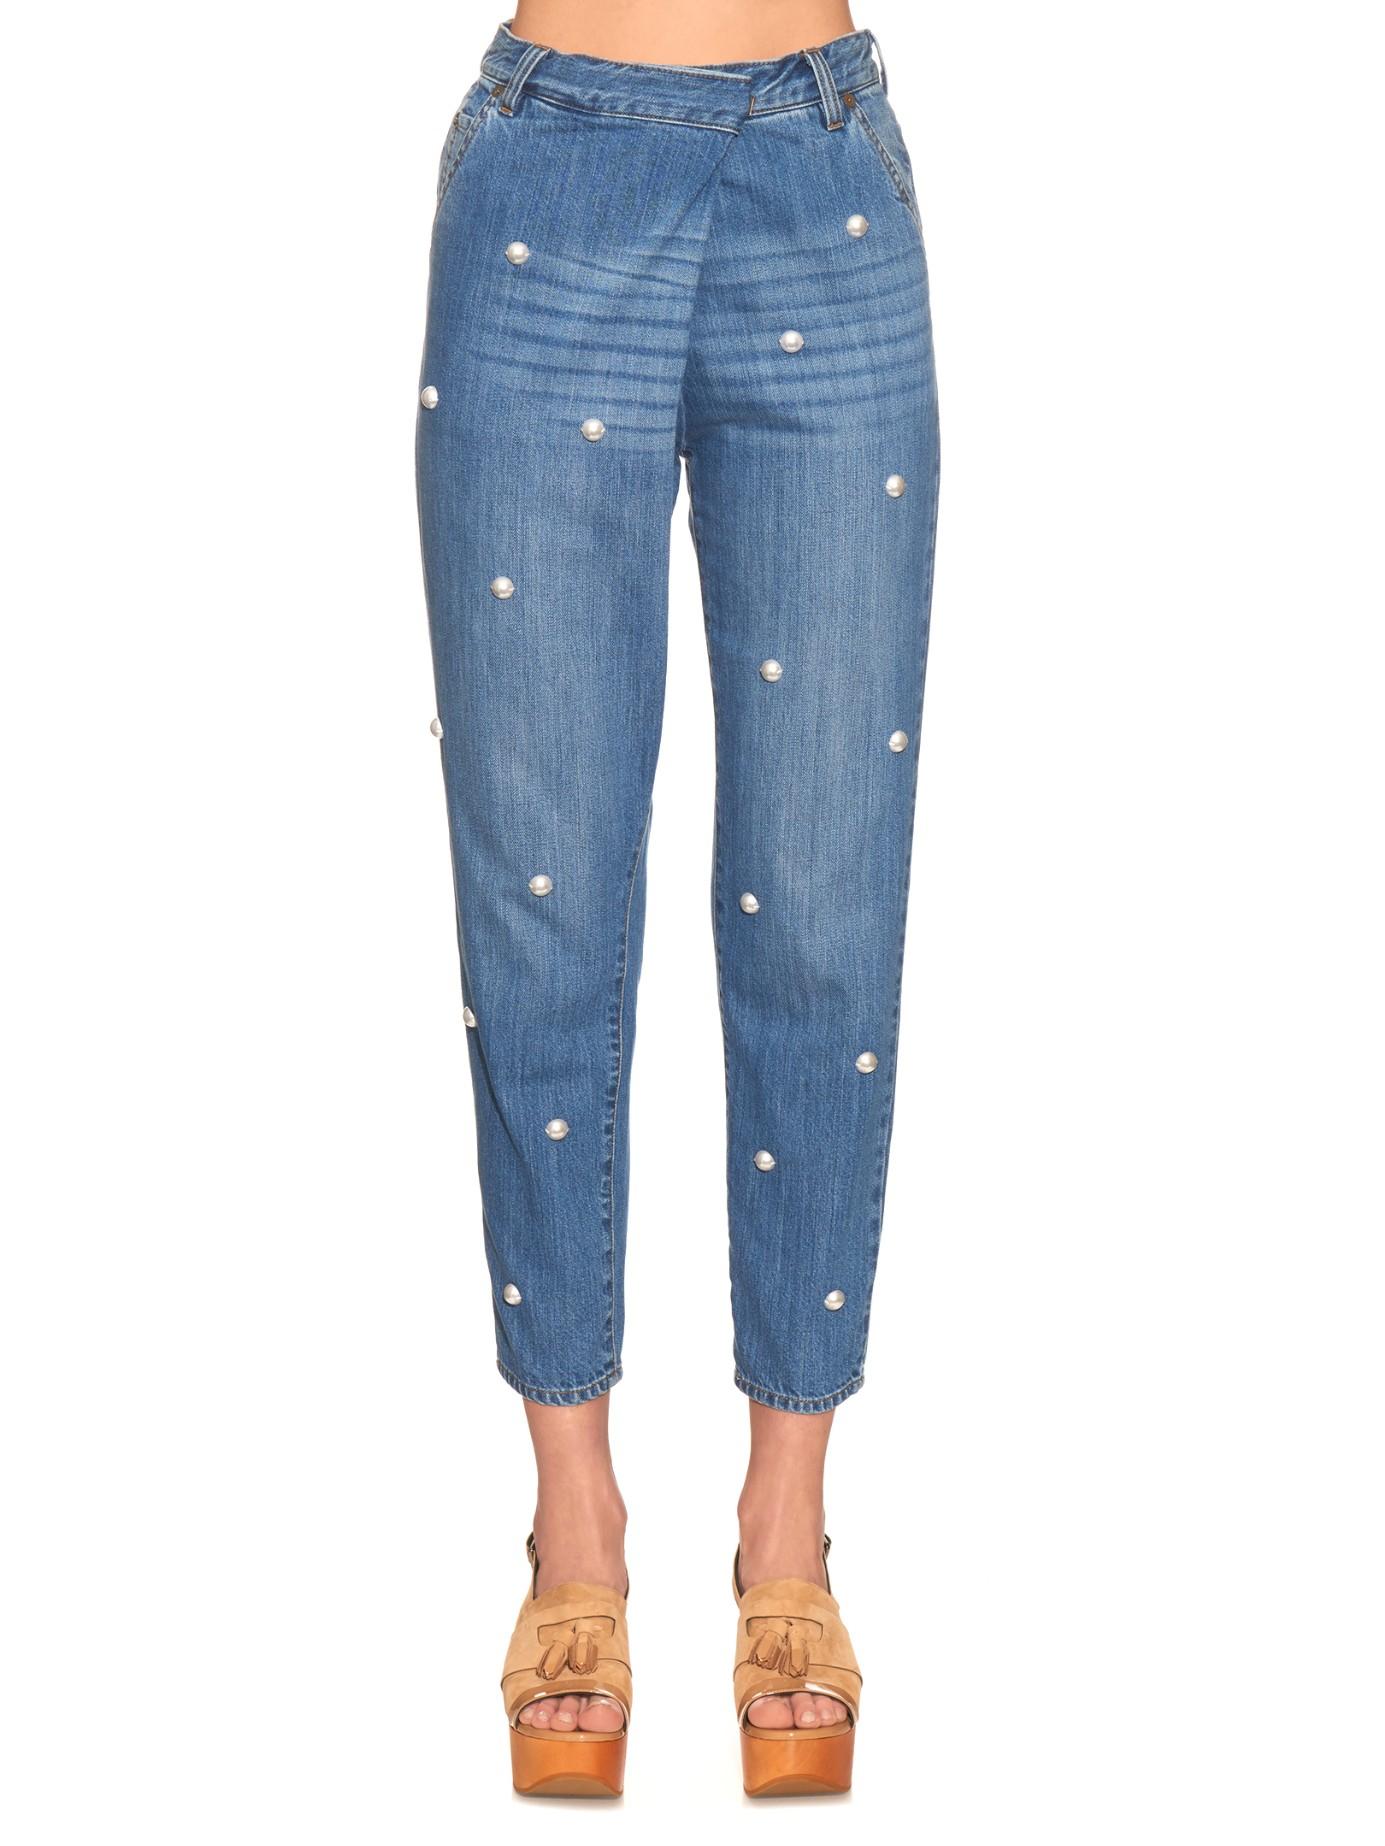 Lyst - Muveil Faux-pearl Embellished Boyfriend Jeans in Blue